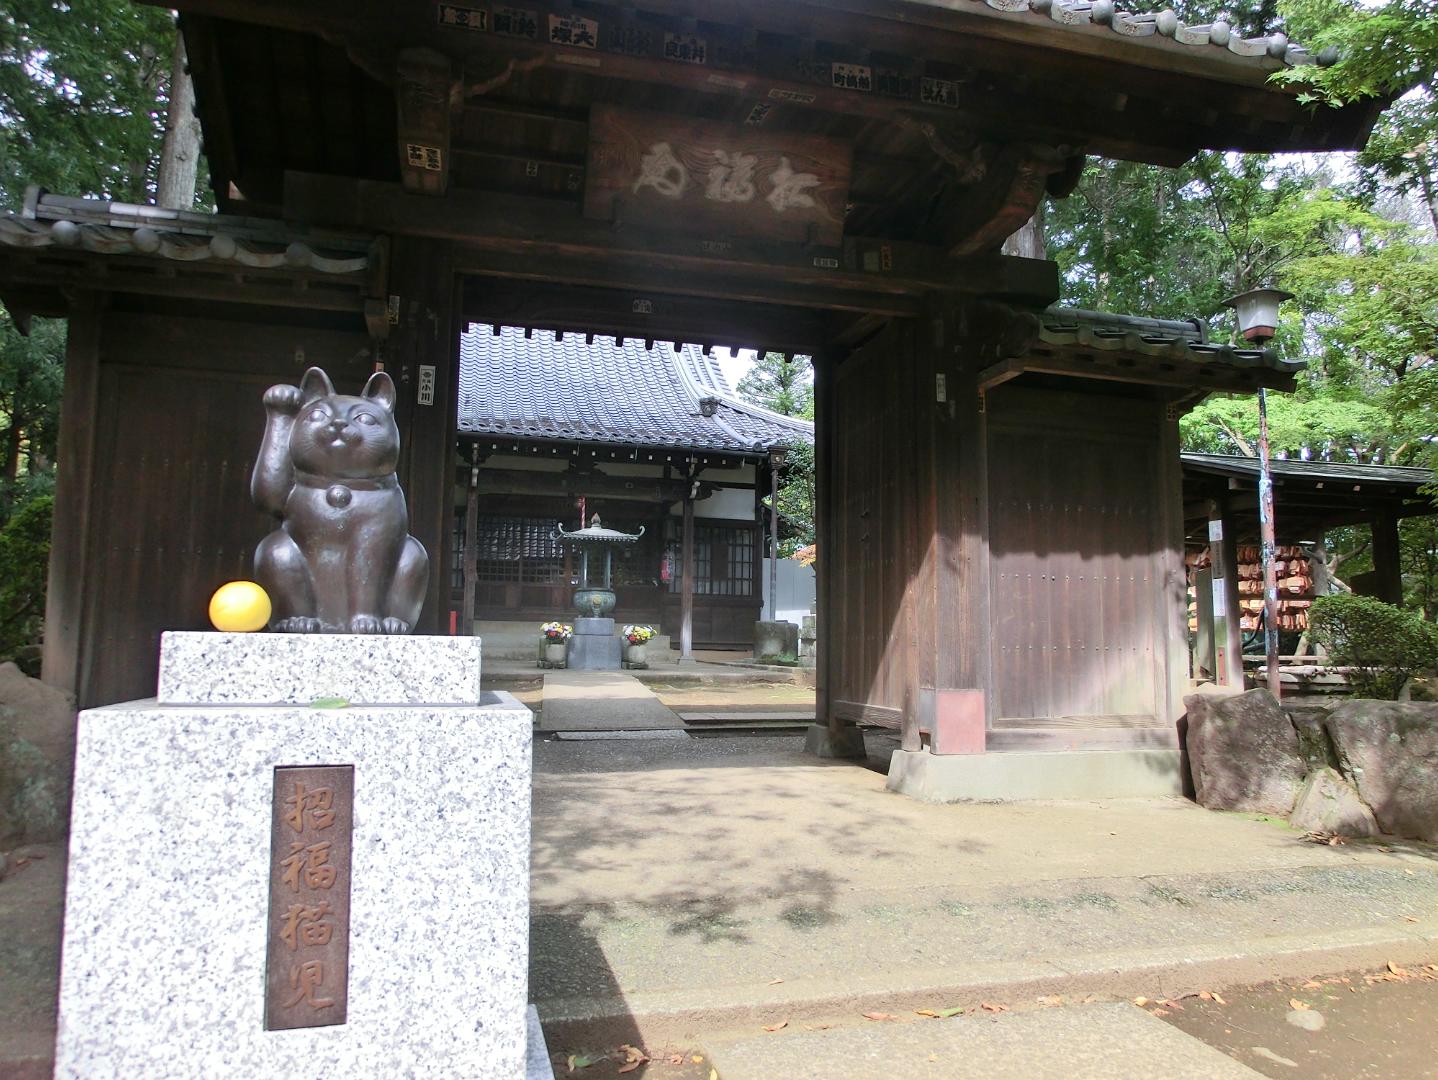 豪徳寺 招き猫の像 カフェトレジャー記事